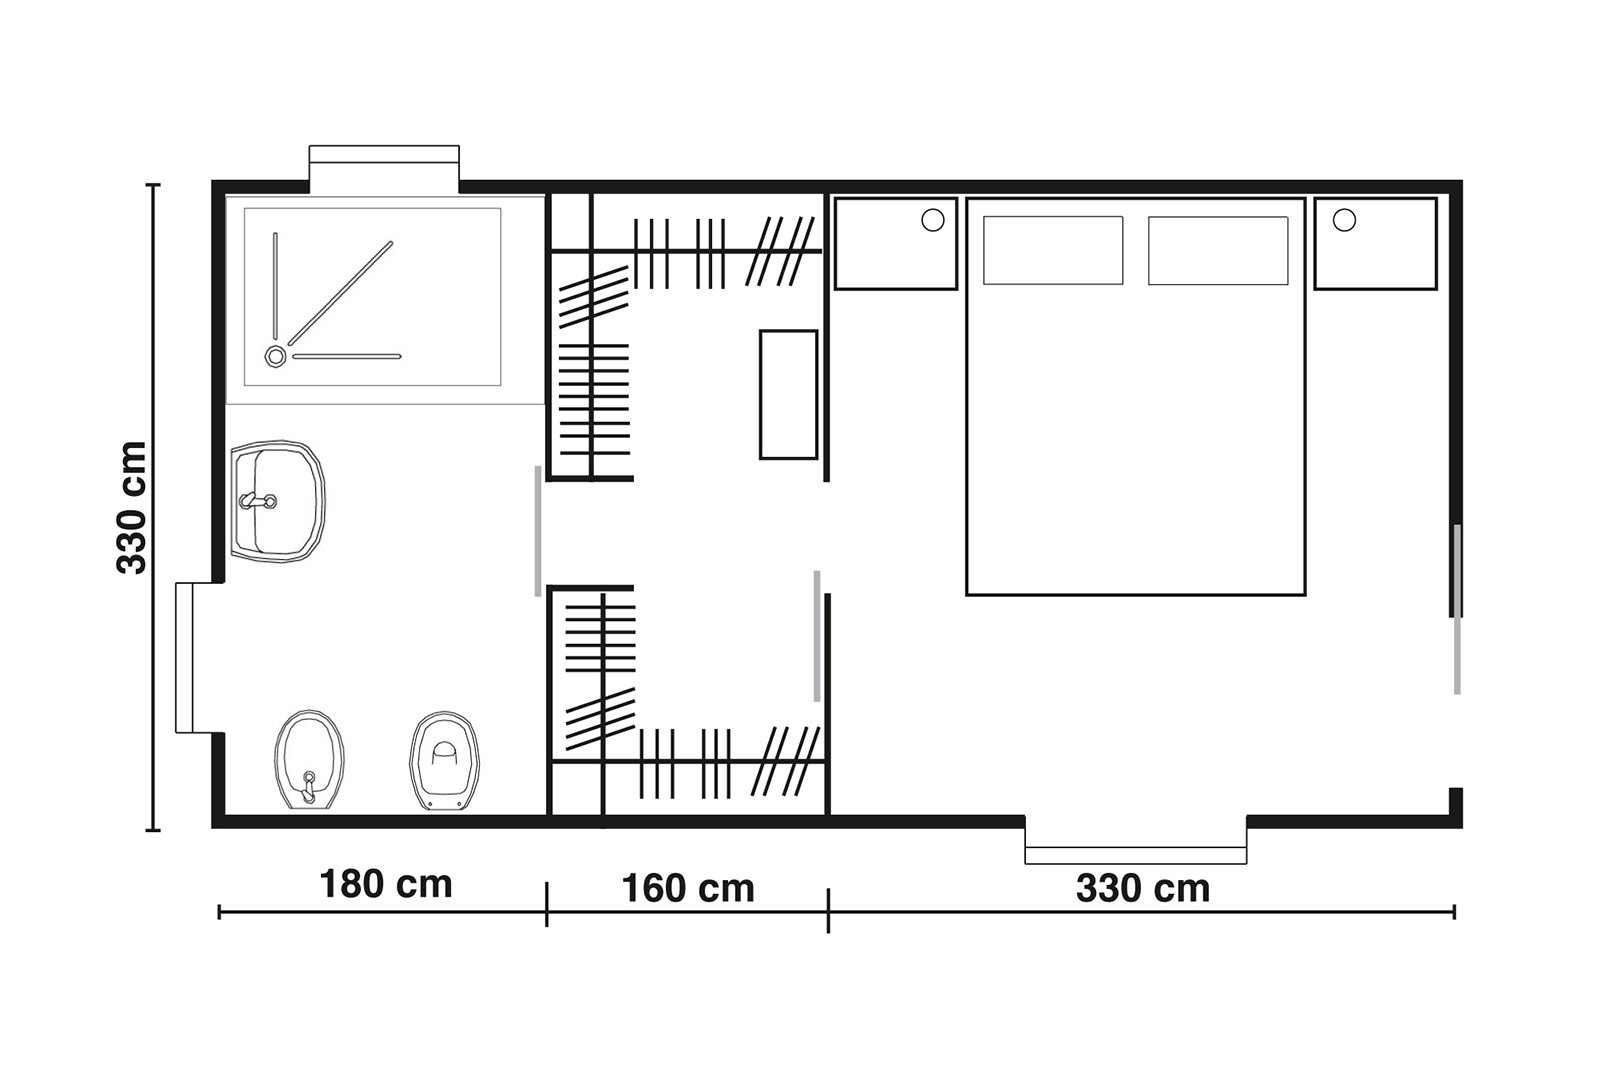 cabine armadio. progettiamo insieme lo spazio - cose di casa - Cabine Armadio In Cartongesso Angolari